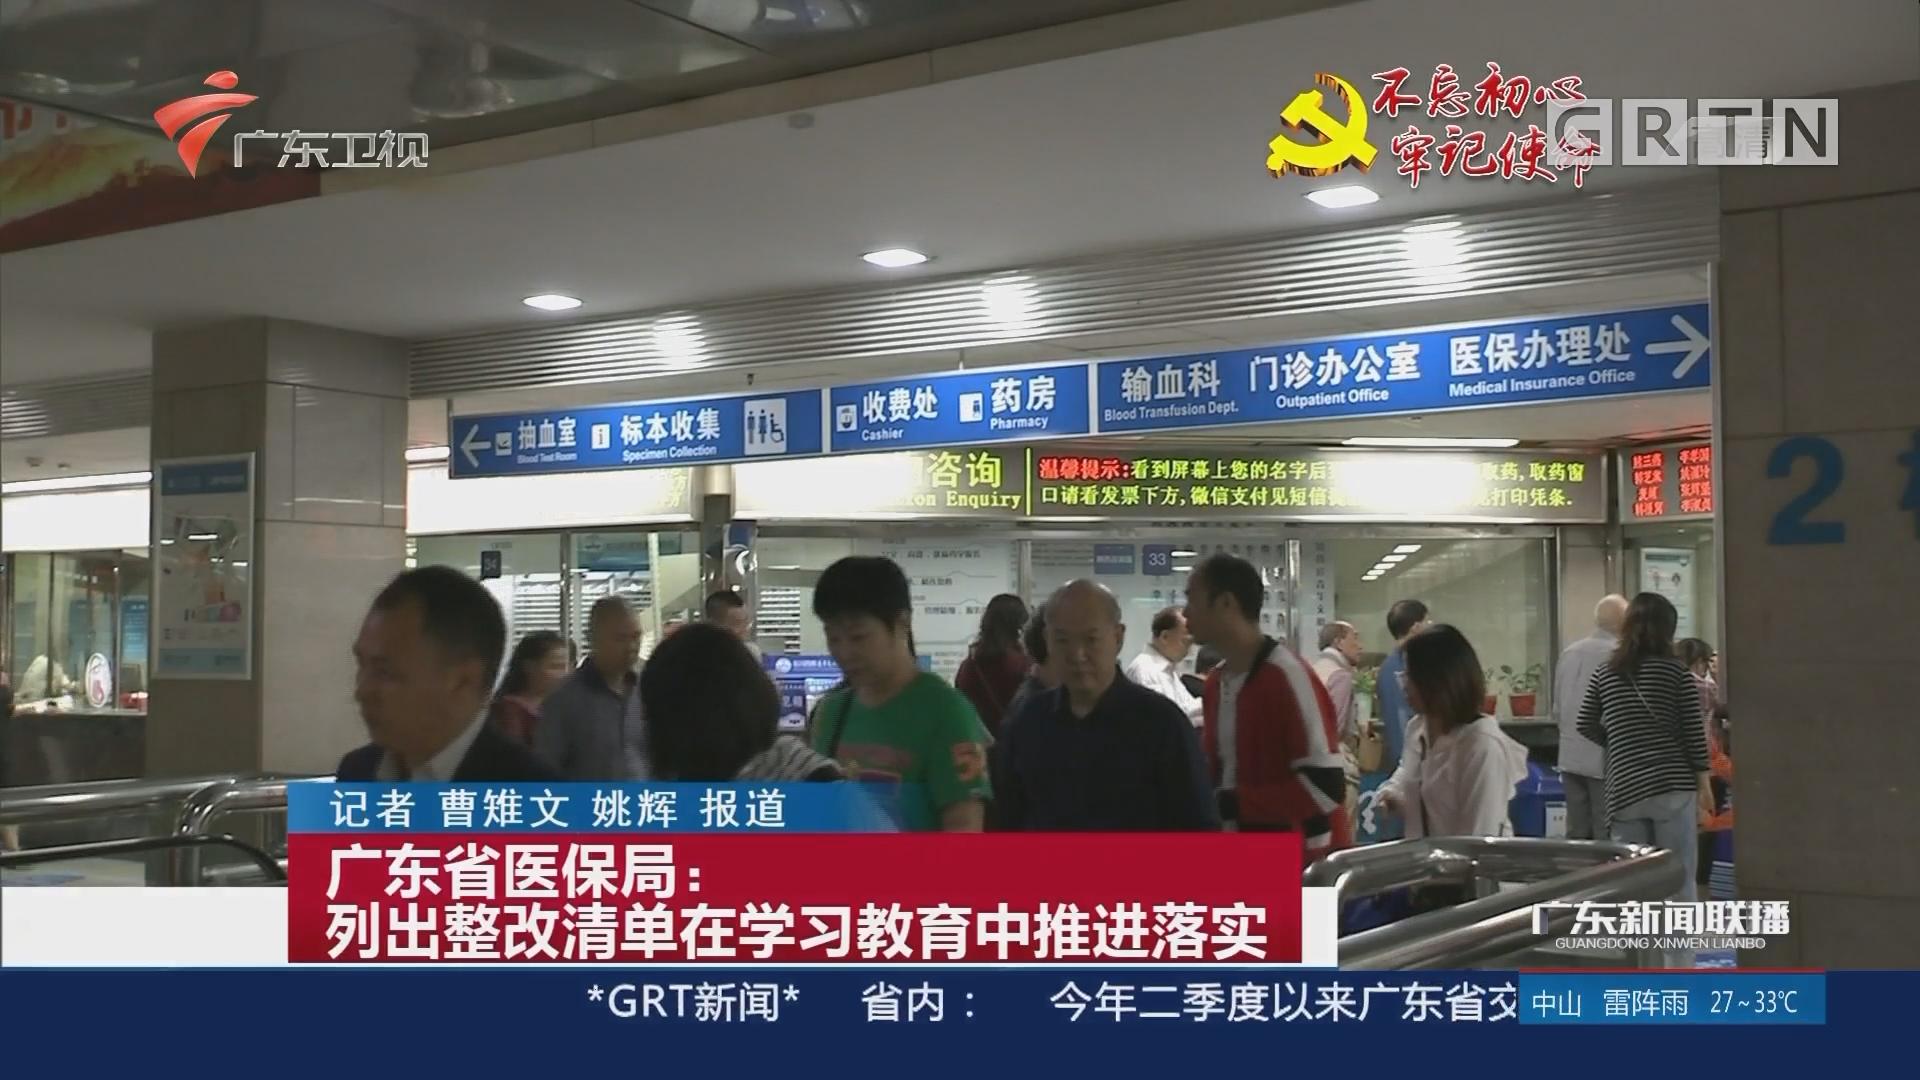 广东省医保局:列出整改清单在学习教育中推进落实